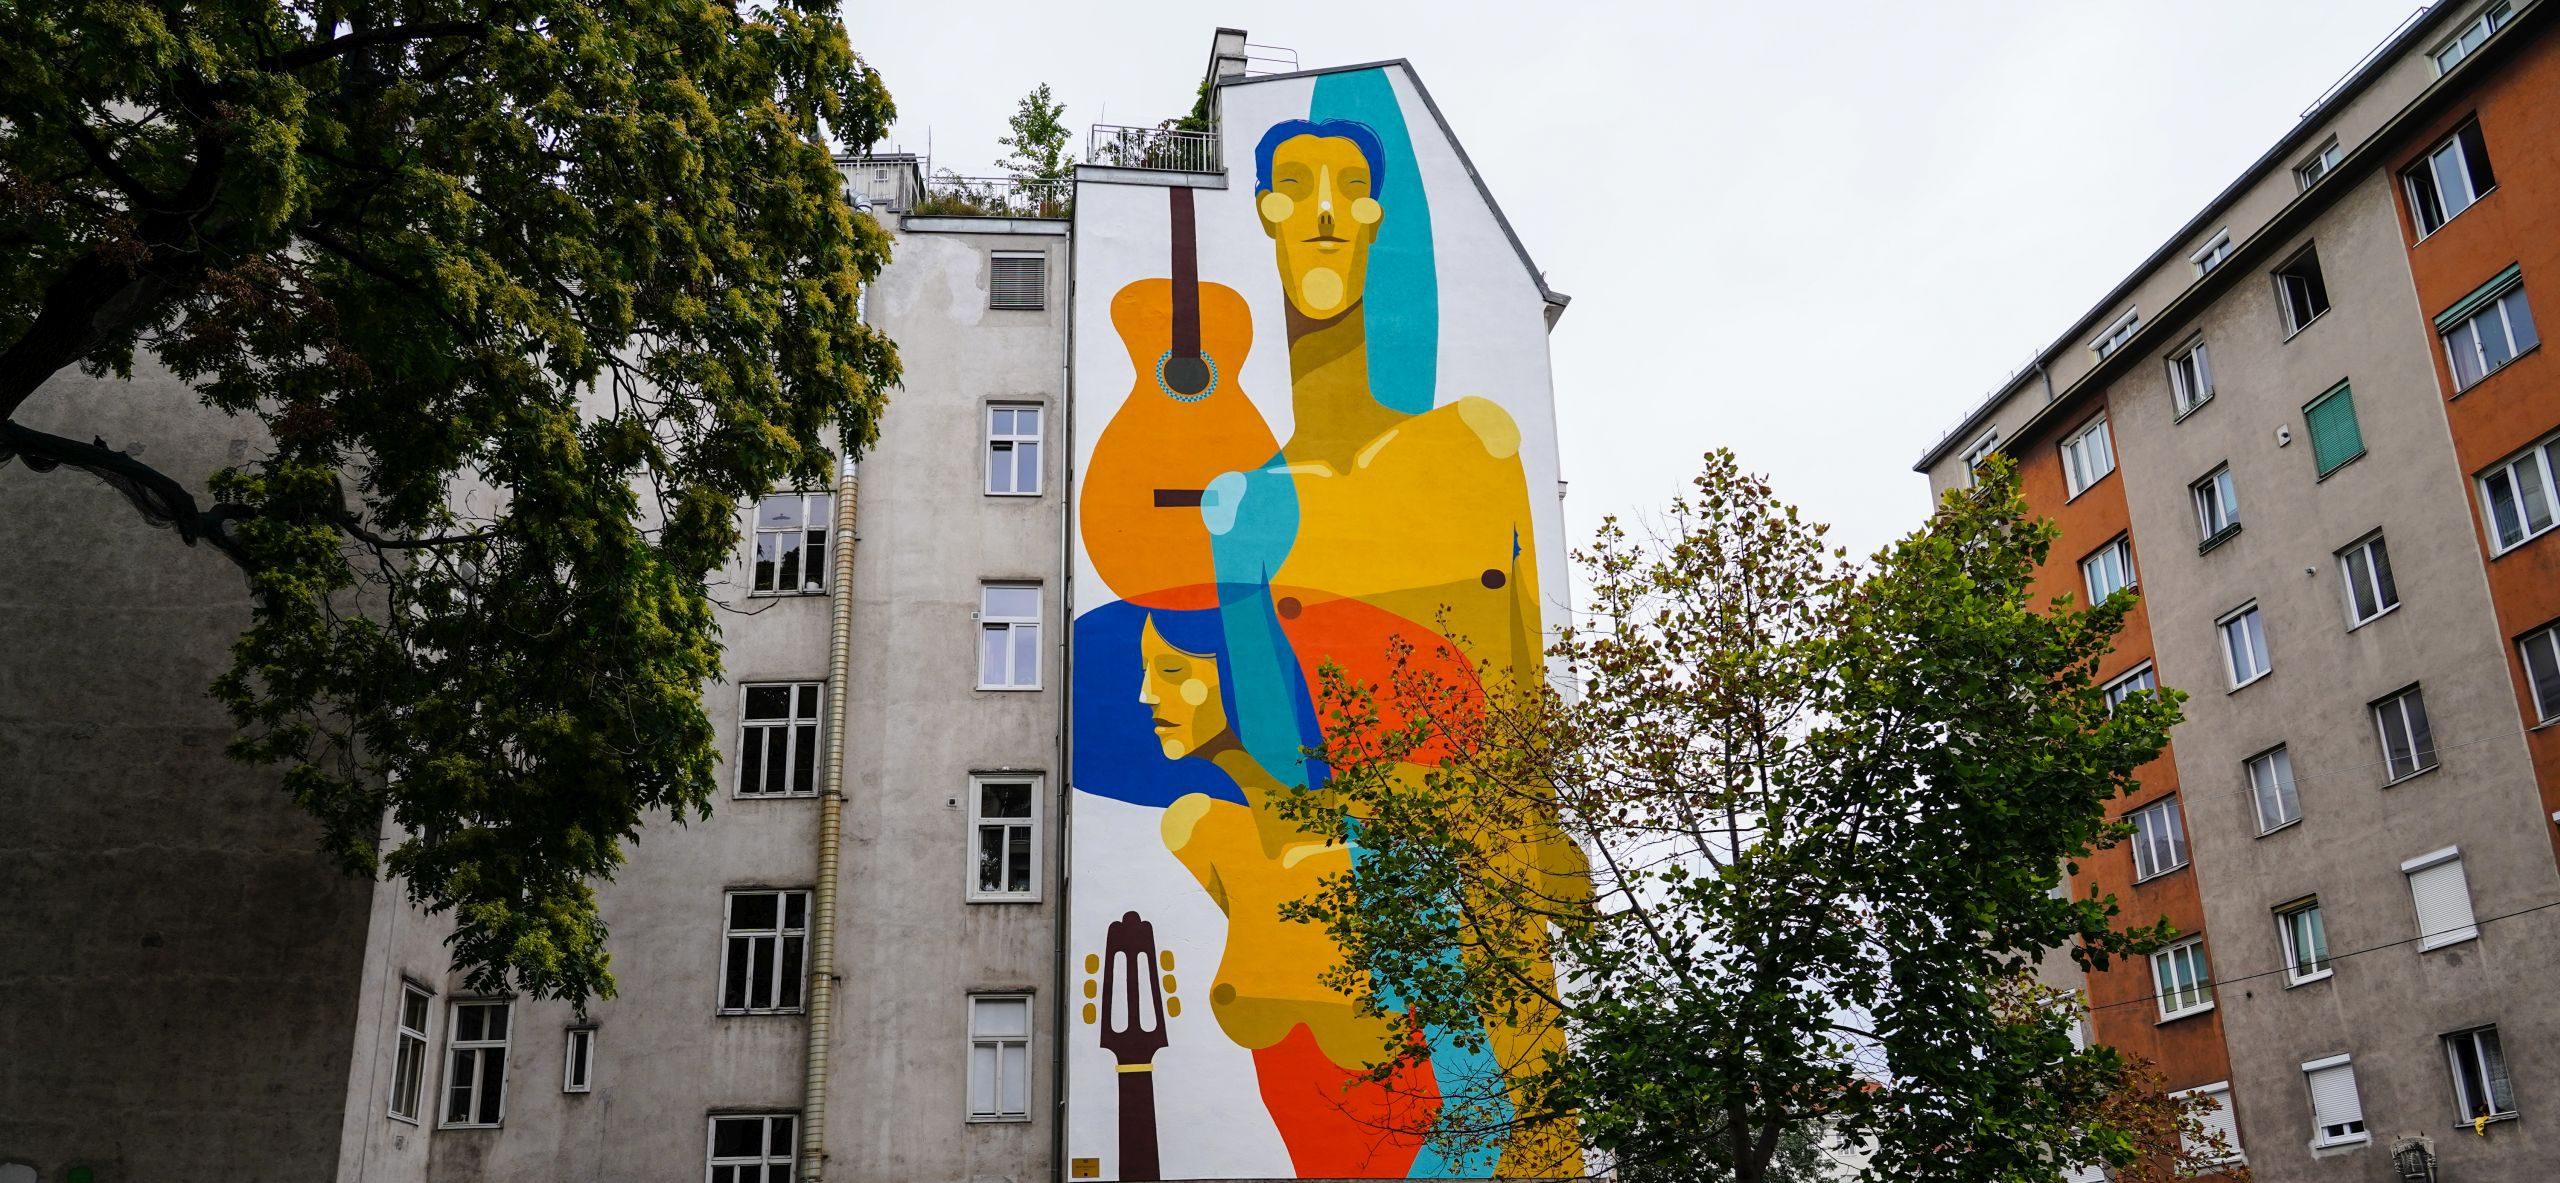 Bamelte Feuermauer Ludwig Hirsch-Platz. Foto Hochmuth